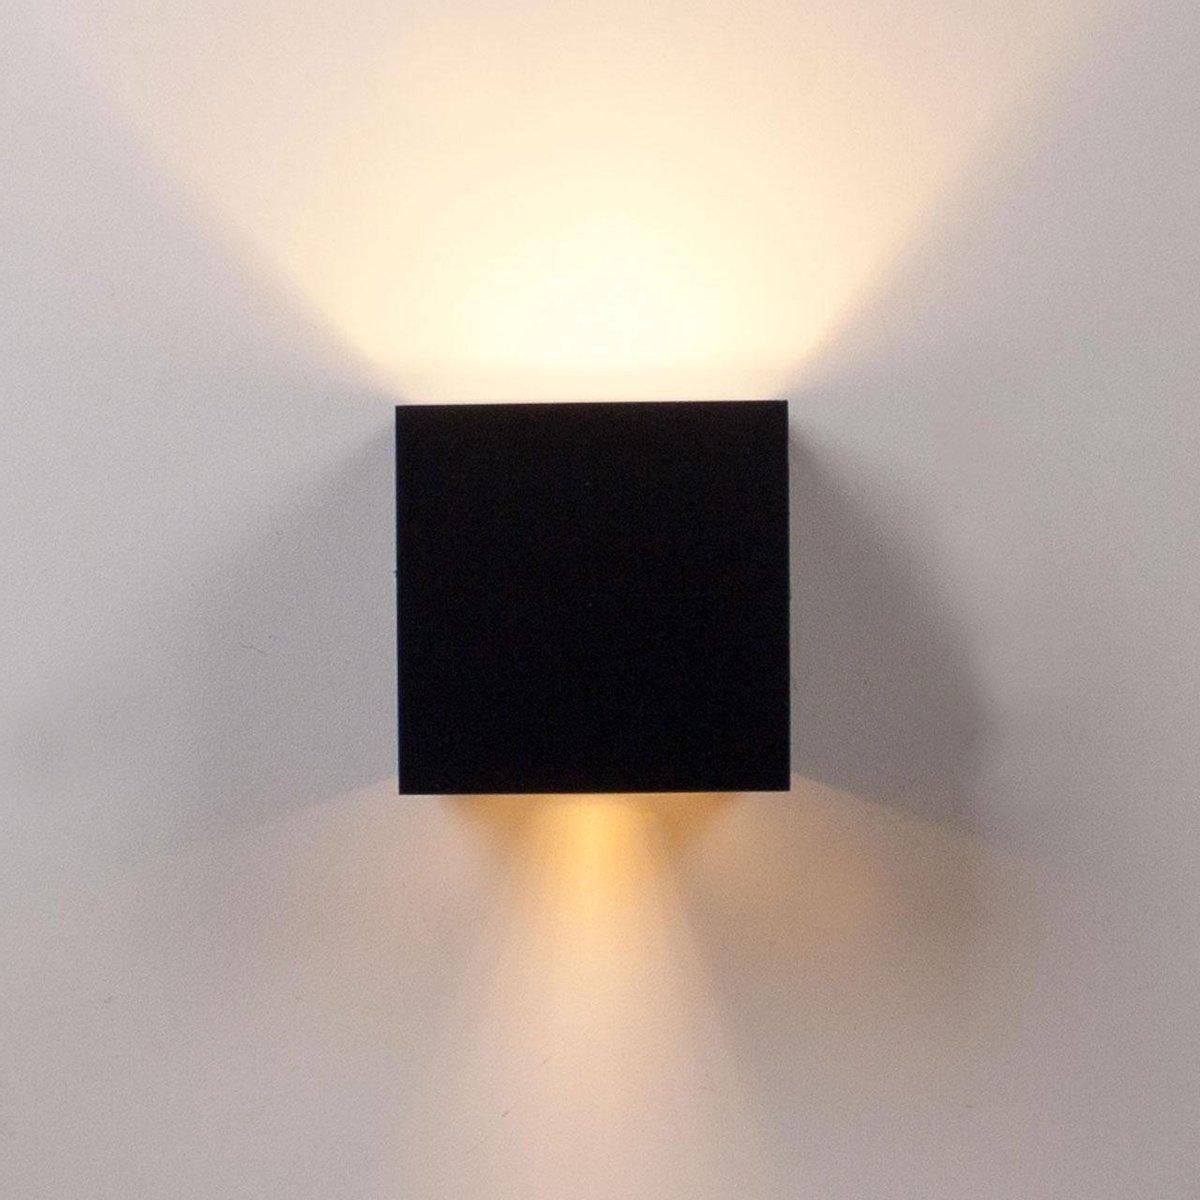 Rilimo   Wandlamp   Led Lamp   Buitenlamp   Kubus wandlamp   Up Down Verlichting   Buitenverlichting